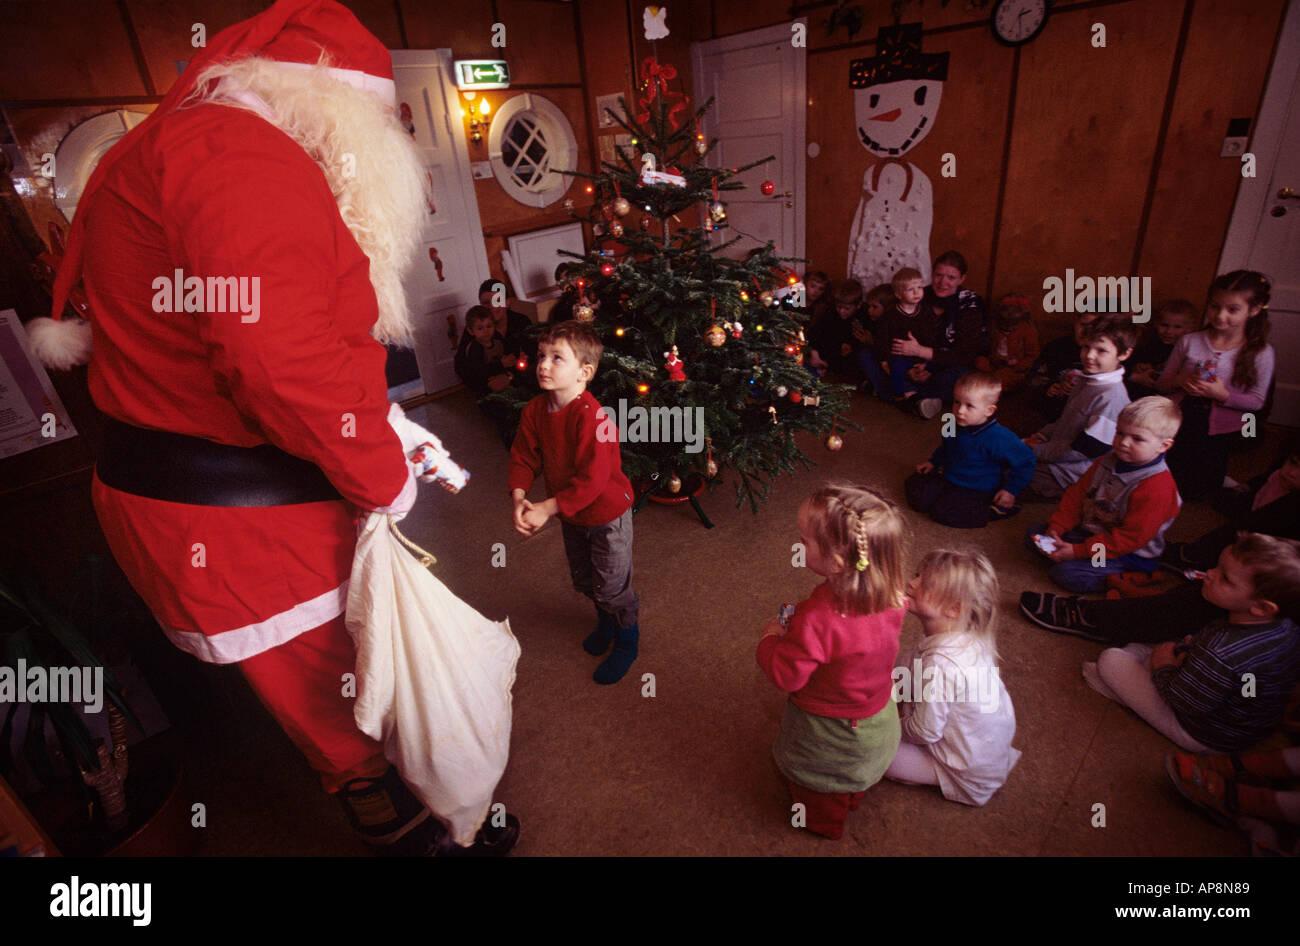 Regali Di Natale Per Bambini Asilo.L Islandese Santa O Yule Lad Offre Ai Bambini I Regali Di Natale In